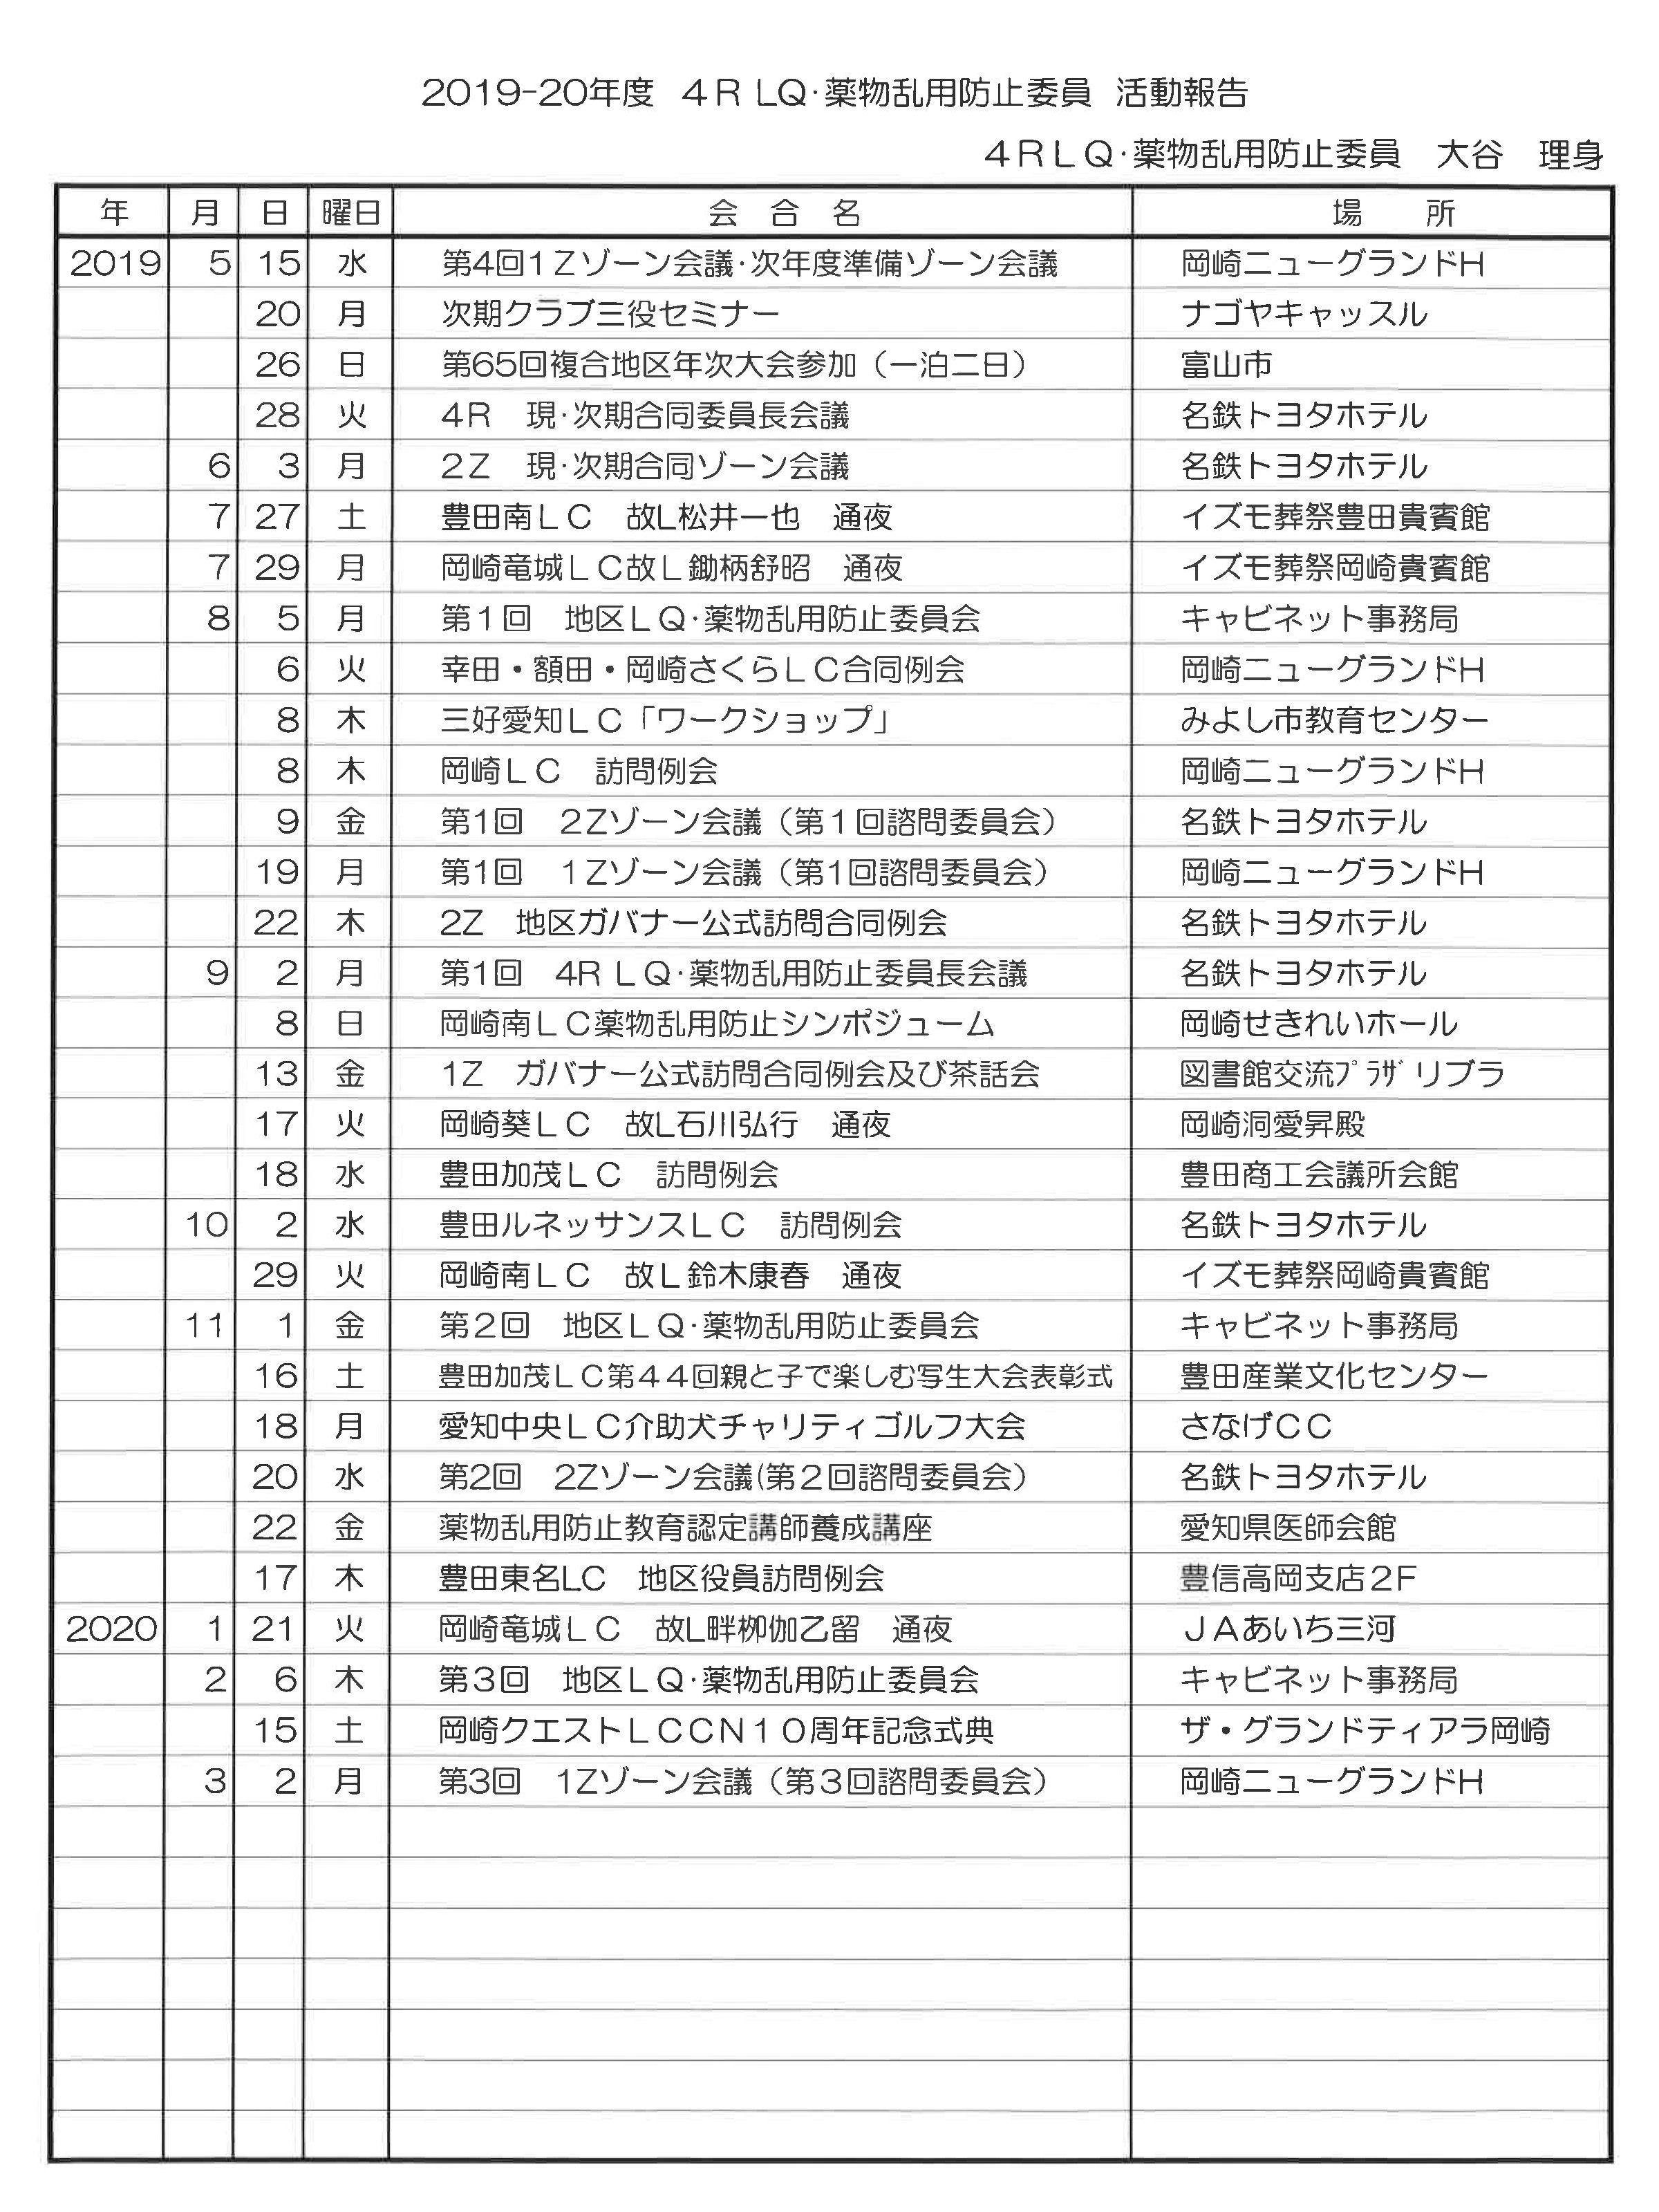 28 4Rライオンズクエスト・薬物乱用防止委員活動報告